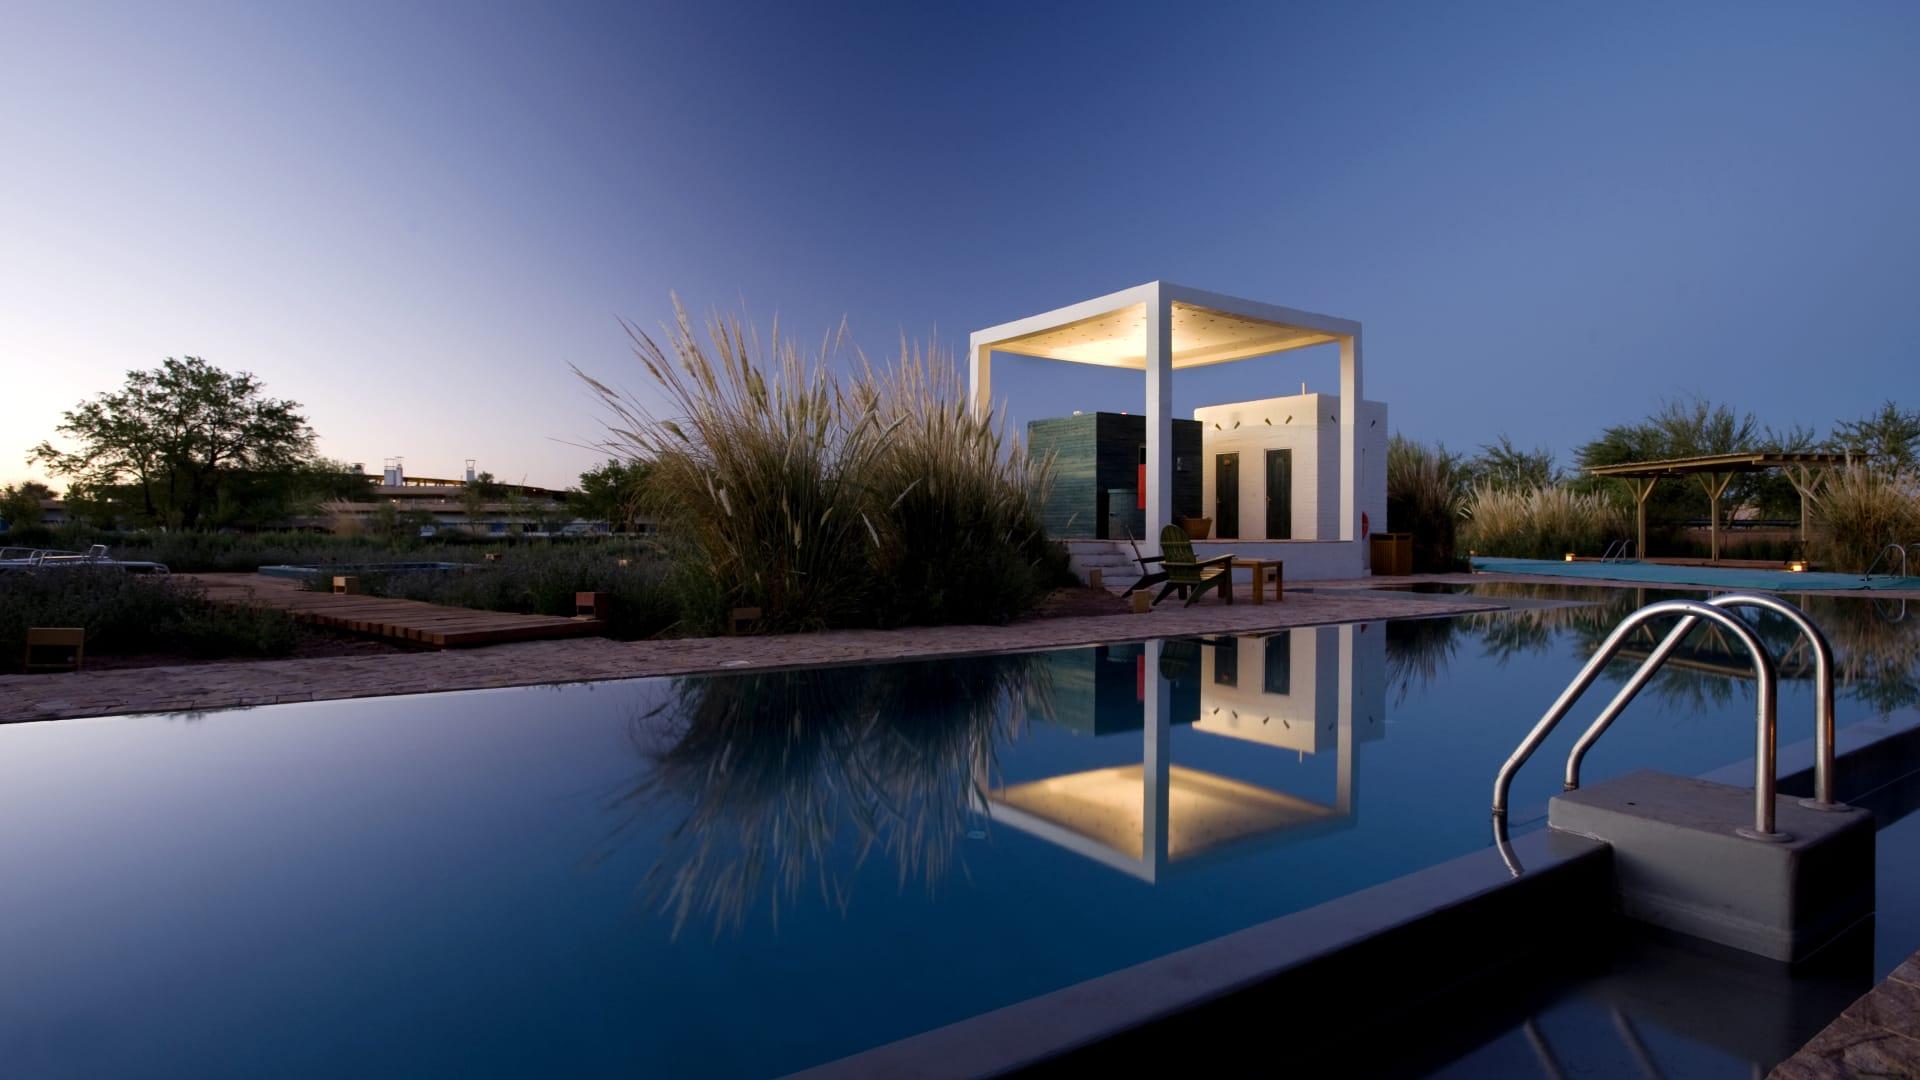 يوفر الفندق خدمات ترفيهية مثل الجاكوزي وبركة السباحة في وسط البرية.